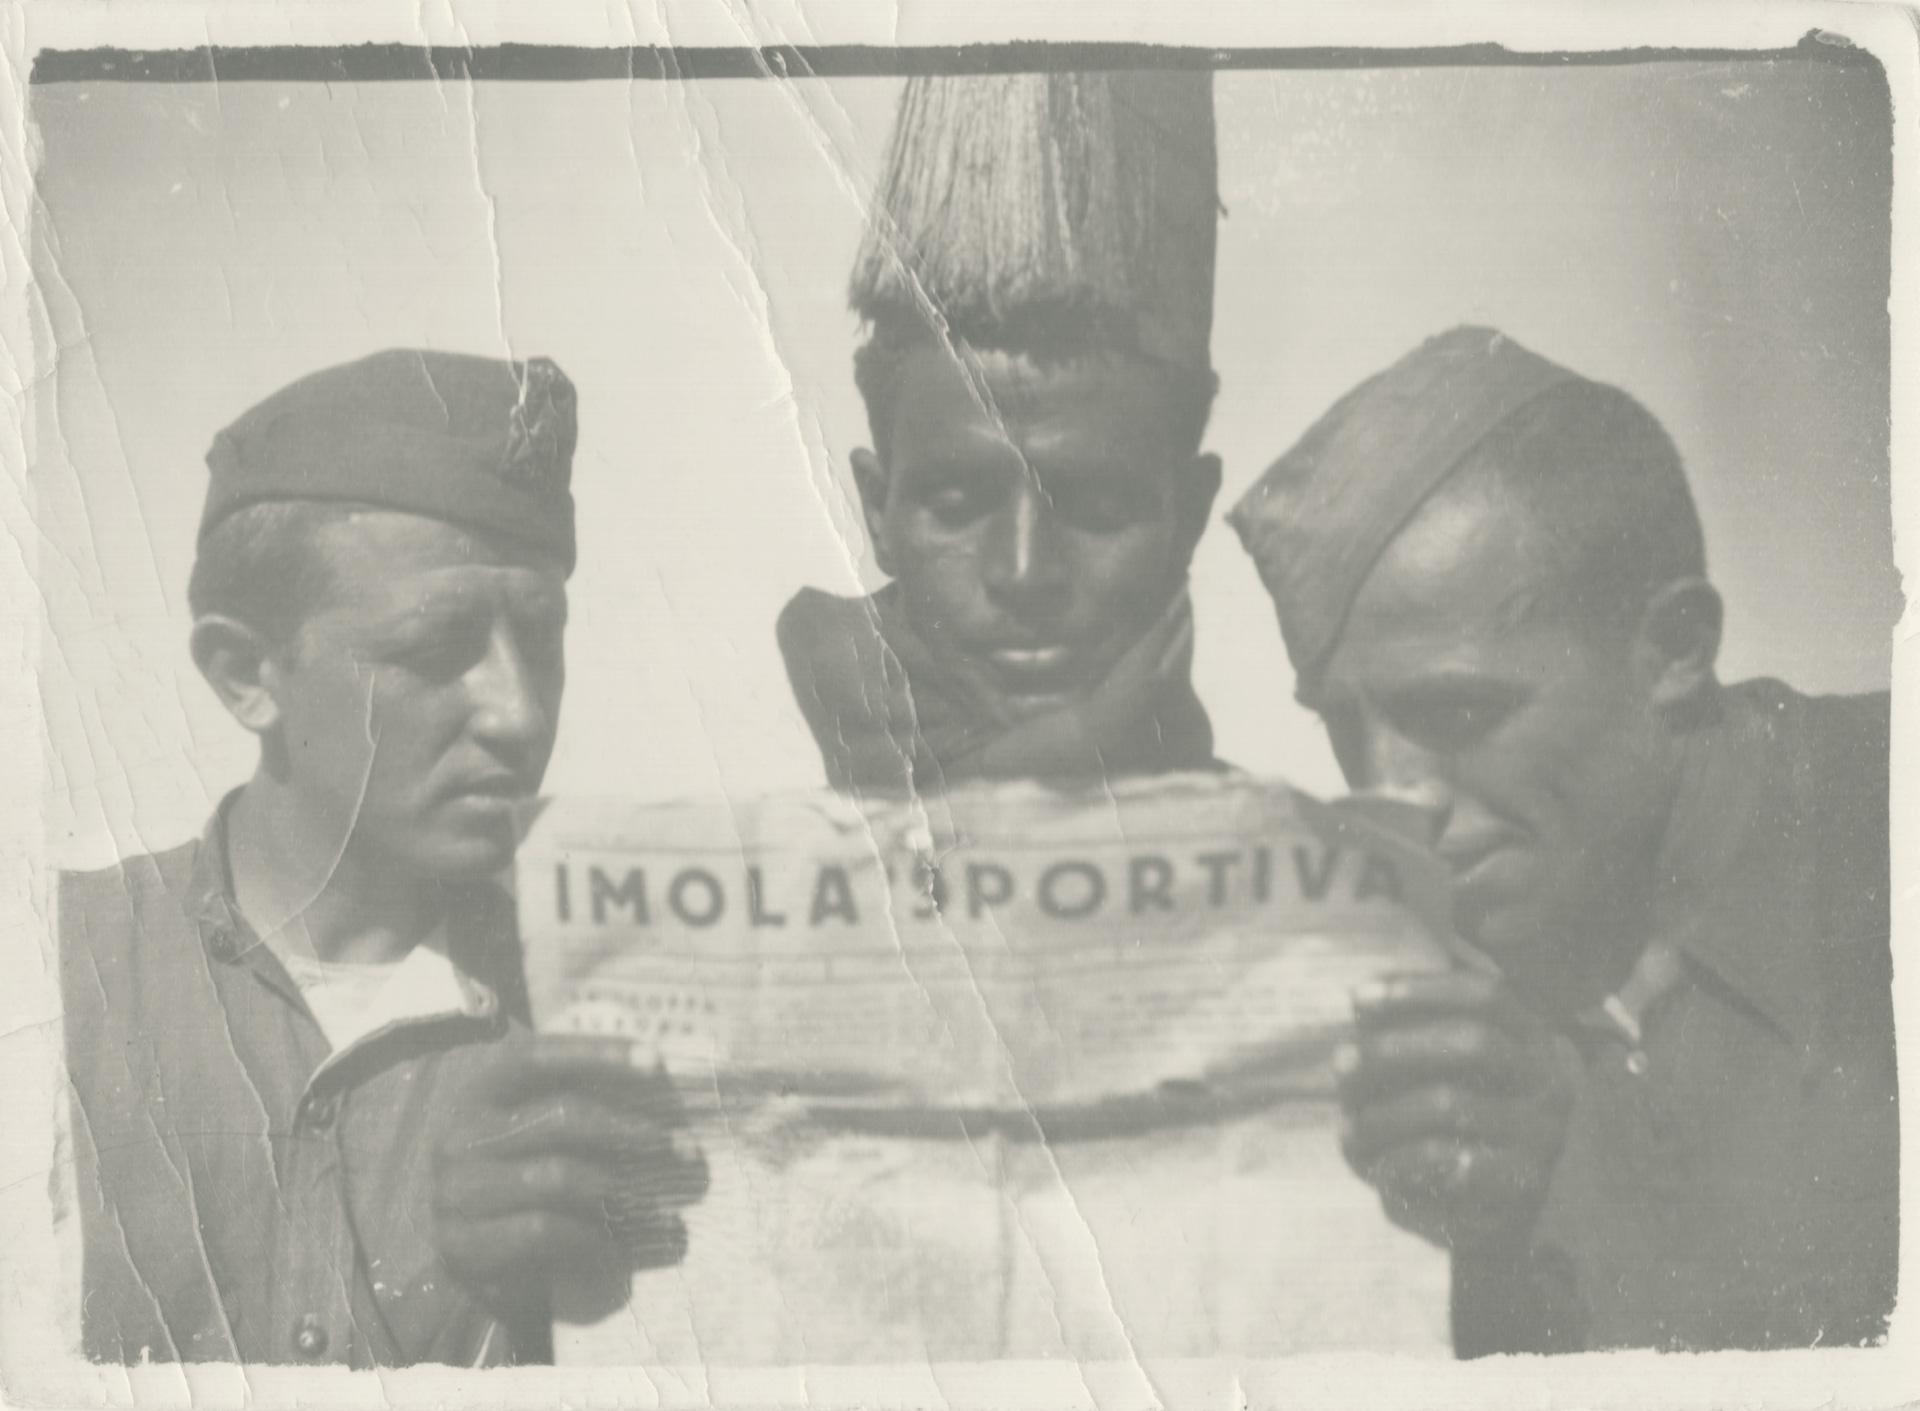 5. Etiopia, 1935-1936, soldati imolesi in Etiopia (Archivio Cidra)